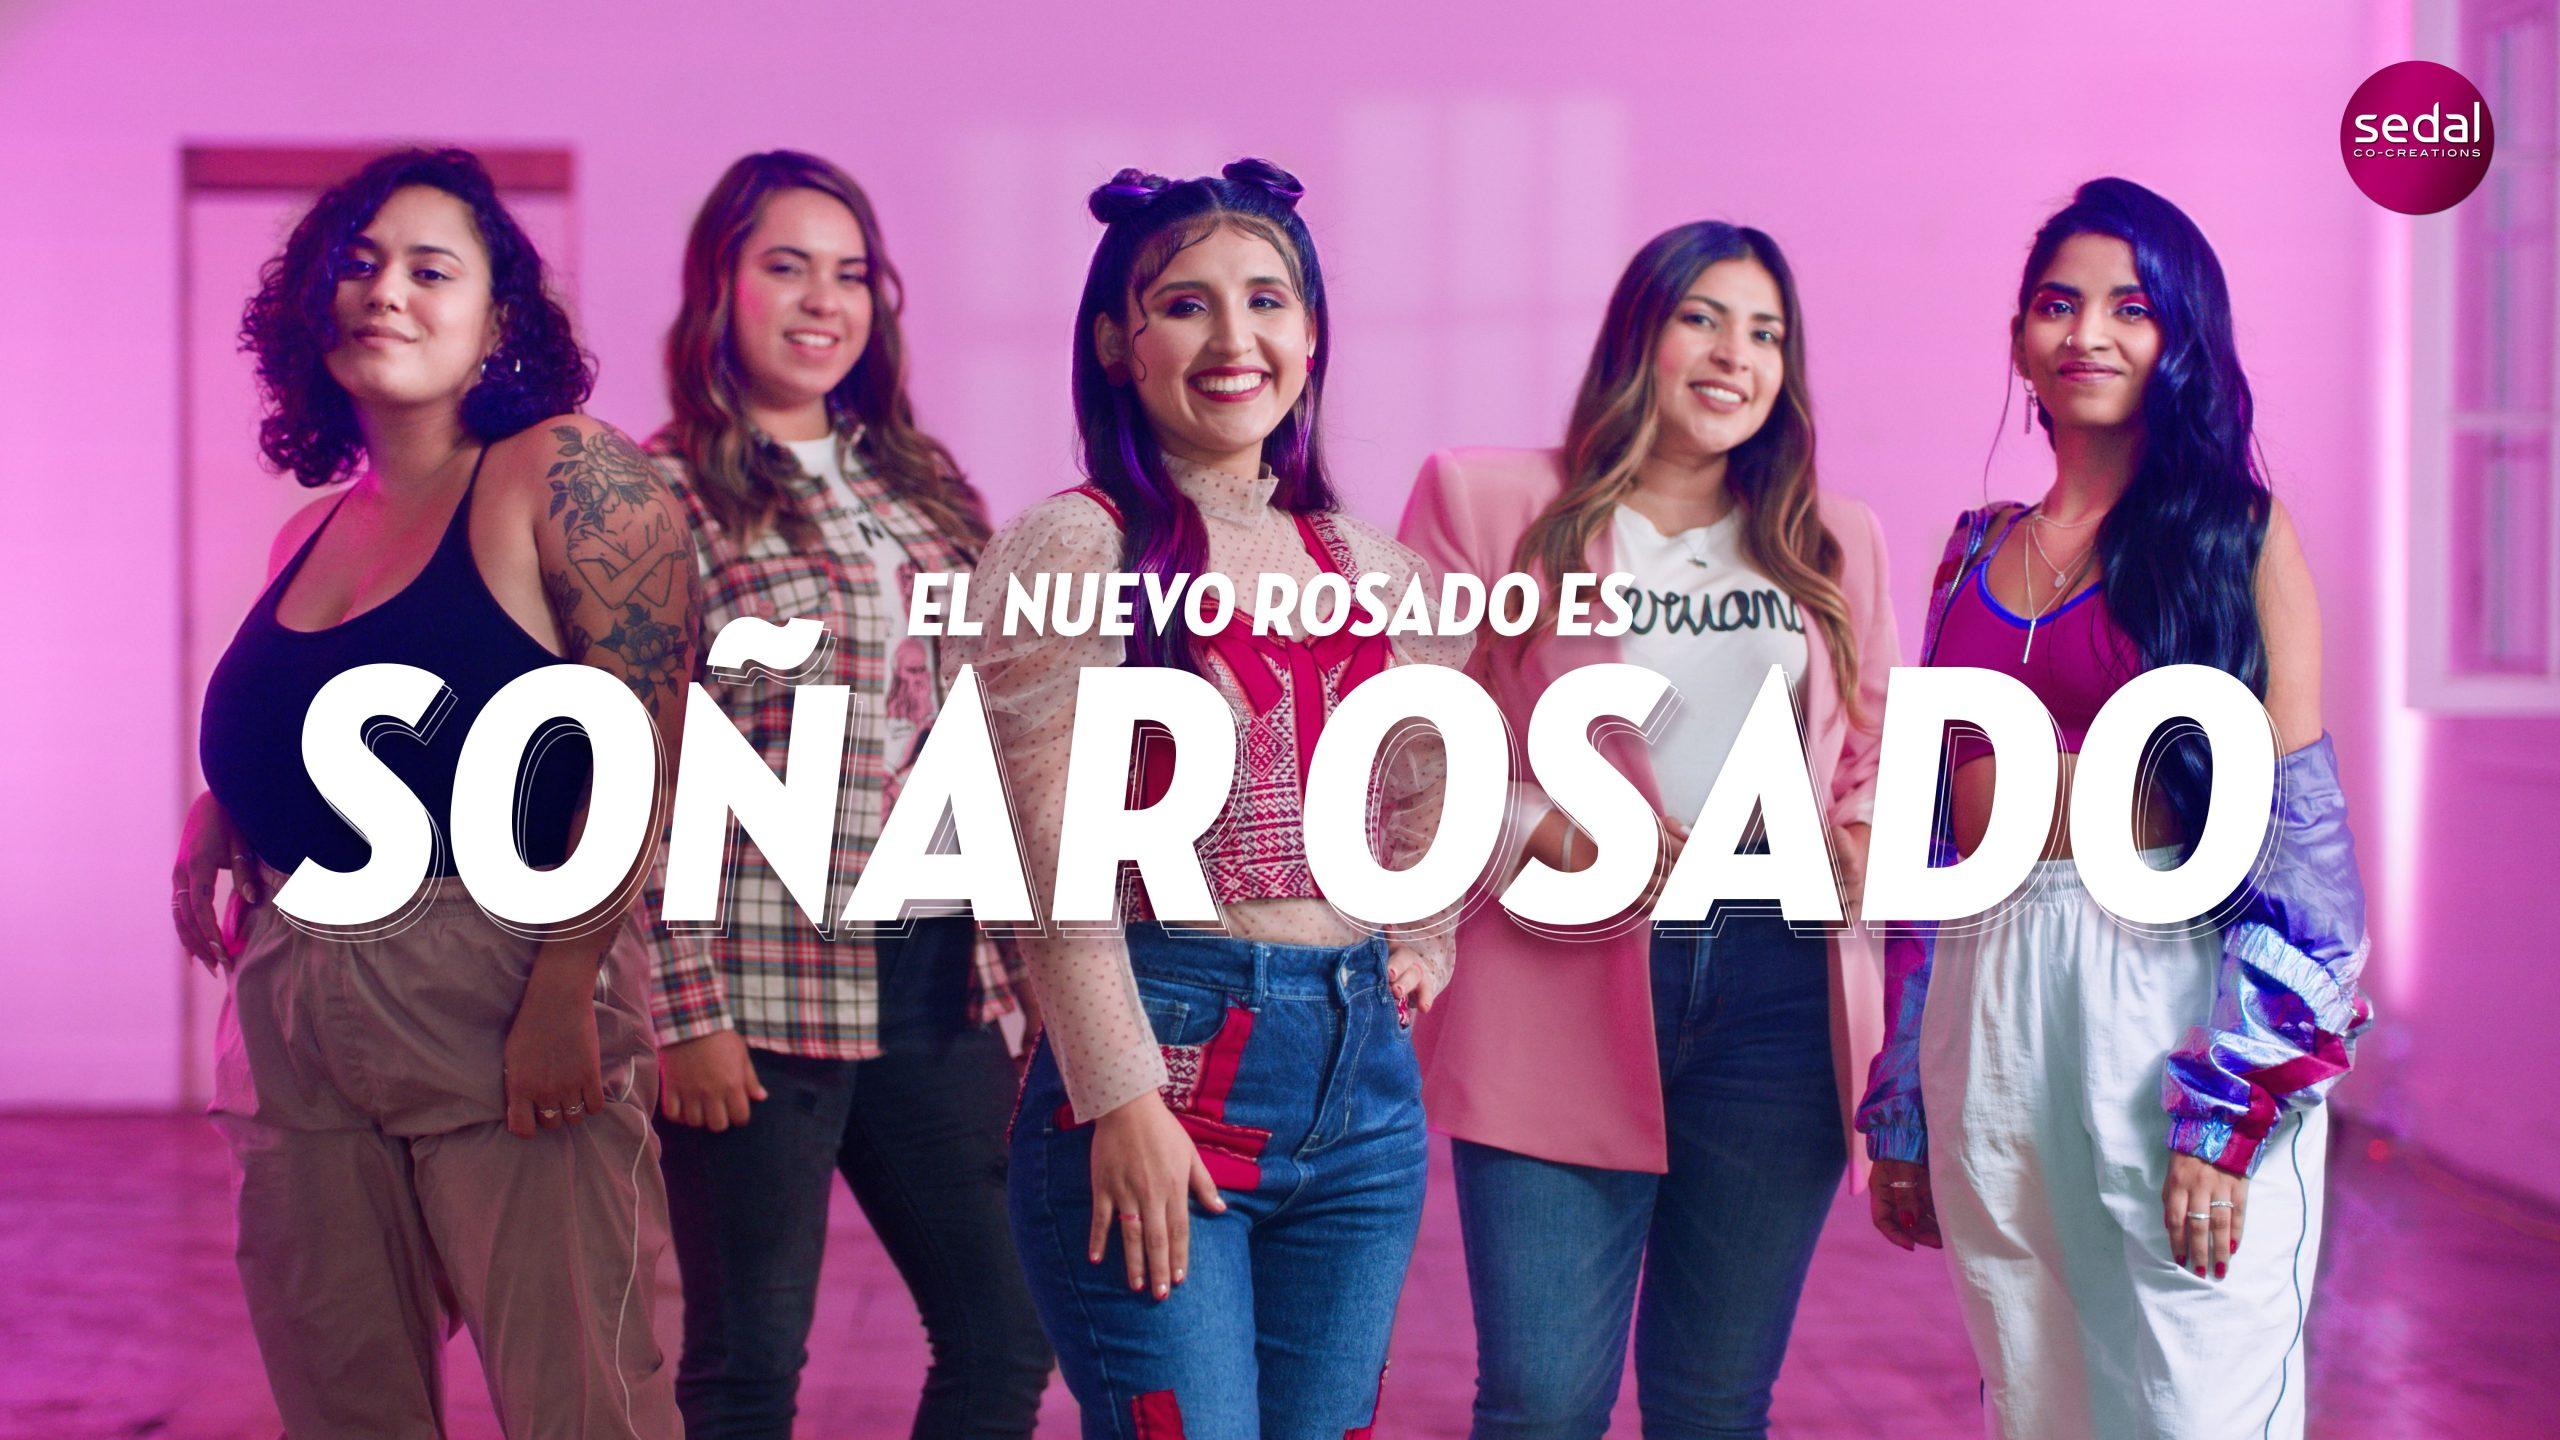 «El nuevo rosado es soñar osado»: La campaña que busca inspirar a peruanas que cumplan sus sueños